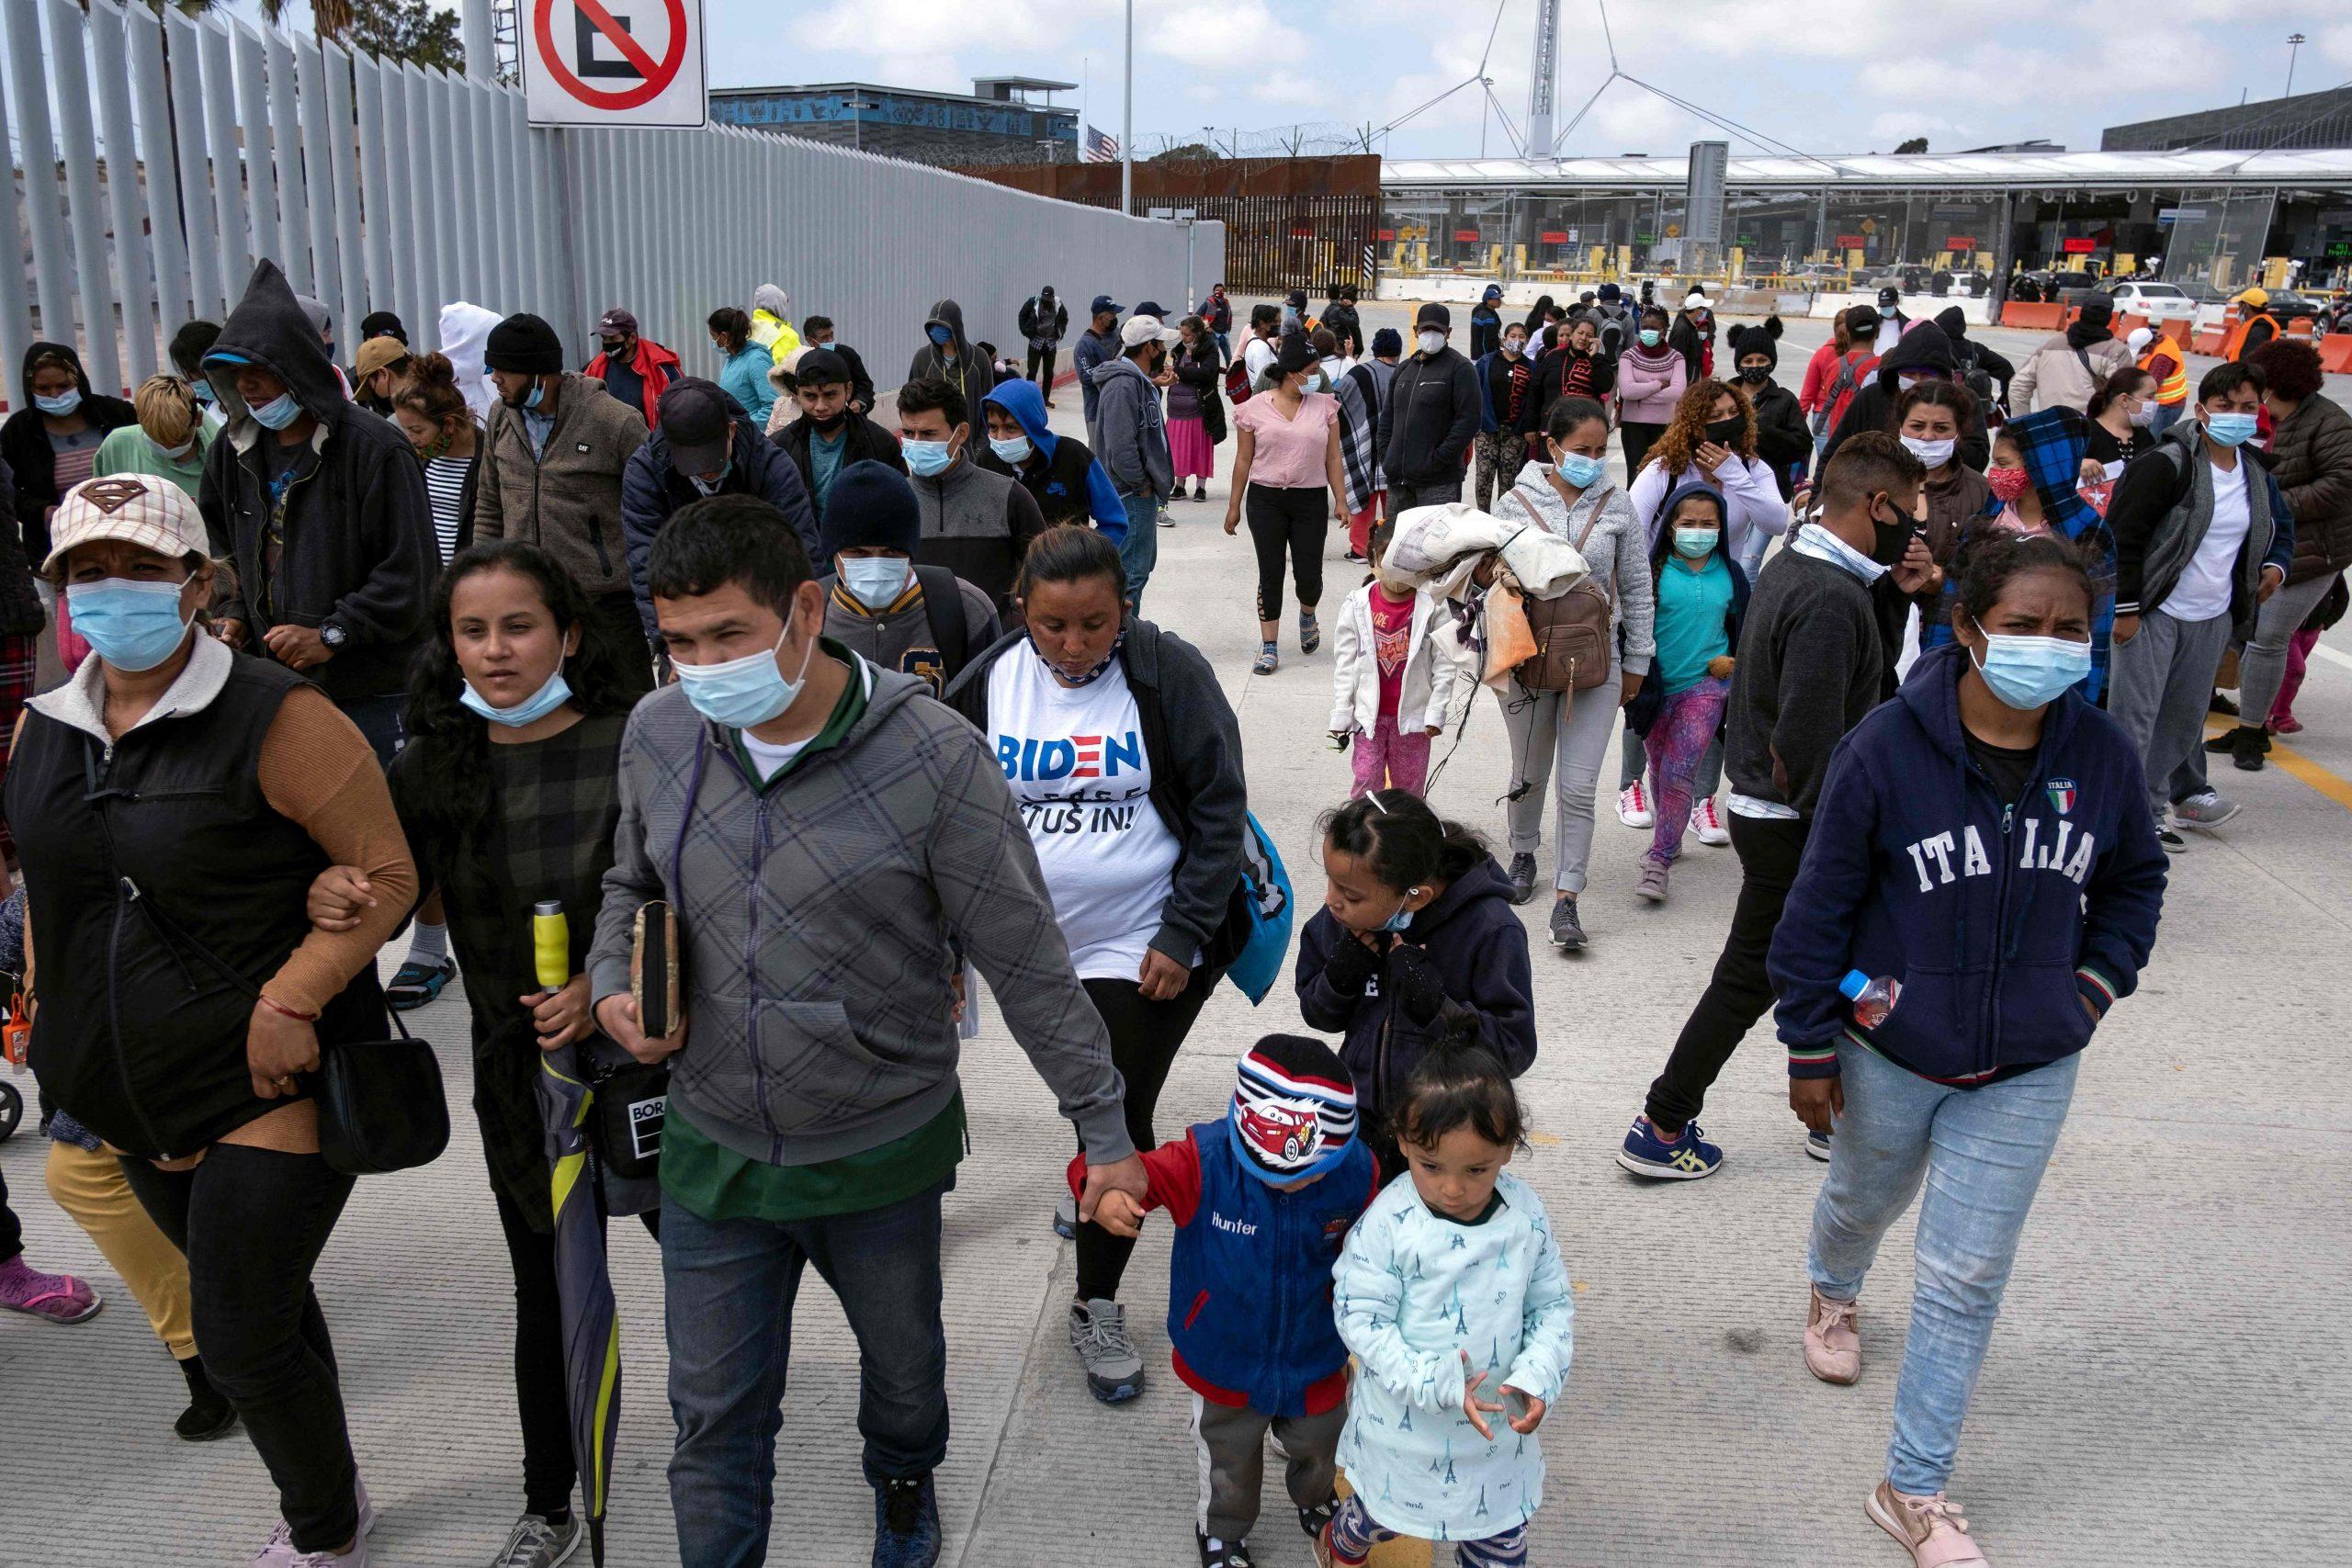 Estados Unidos inicia hoy implementación de Stay in Mexico - Prensa Libre